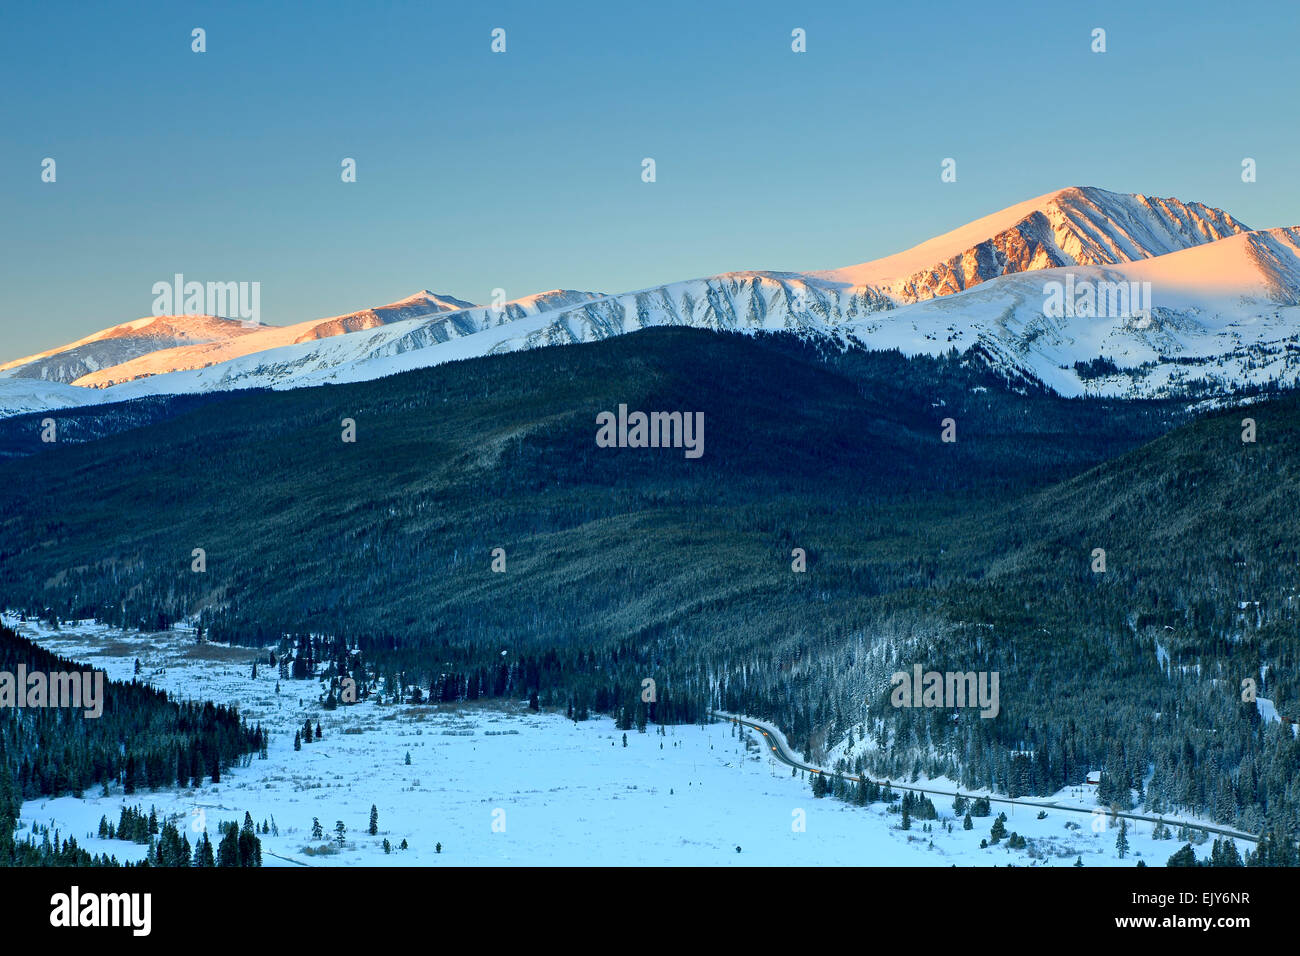 Prima luce sulla coperta di neve dilemma di picco (14,265 ft), dieci miglia intervallo e l'Oca pascolo Tarn, Immagini Stock